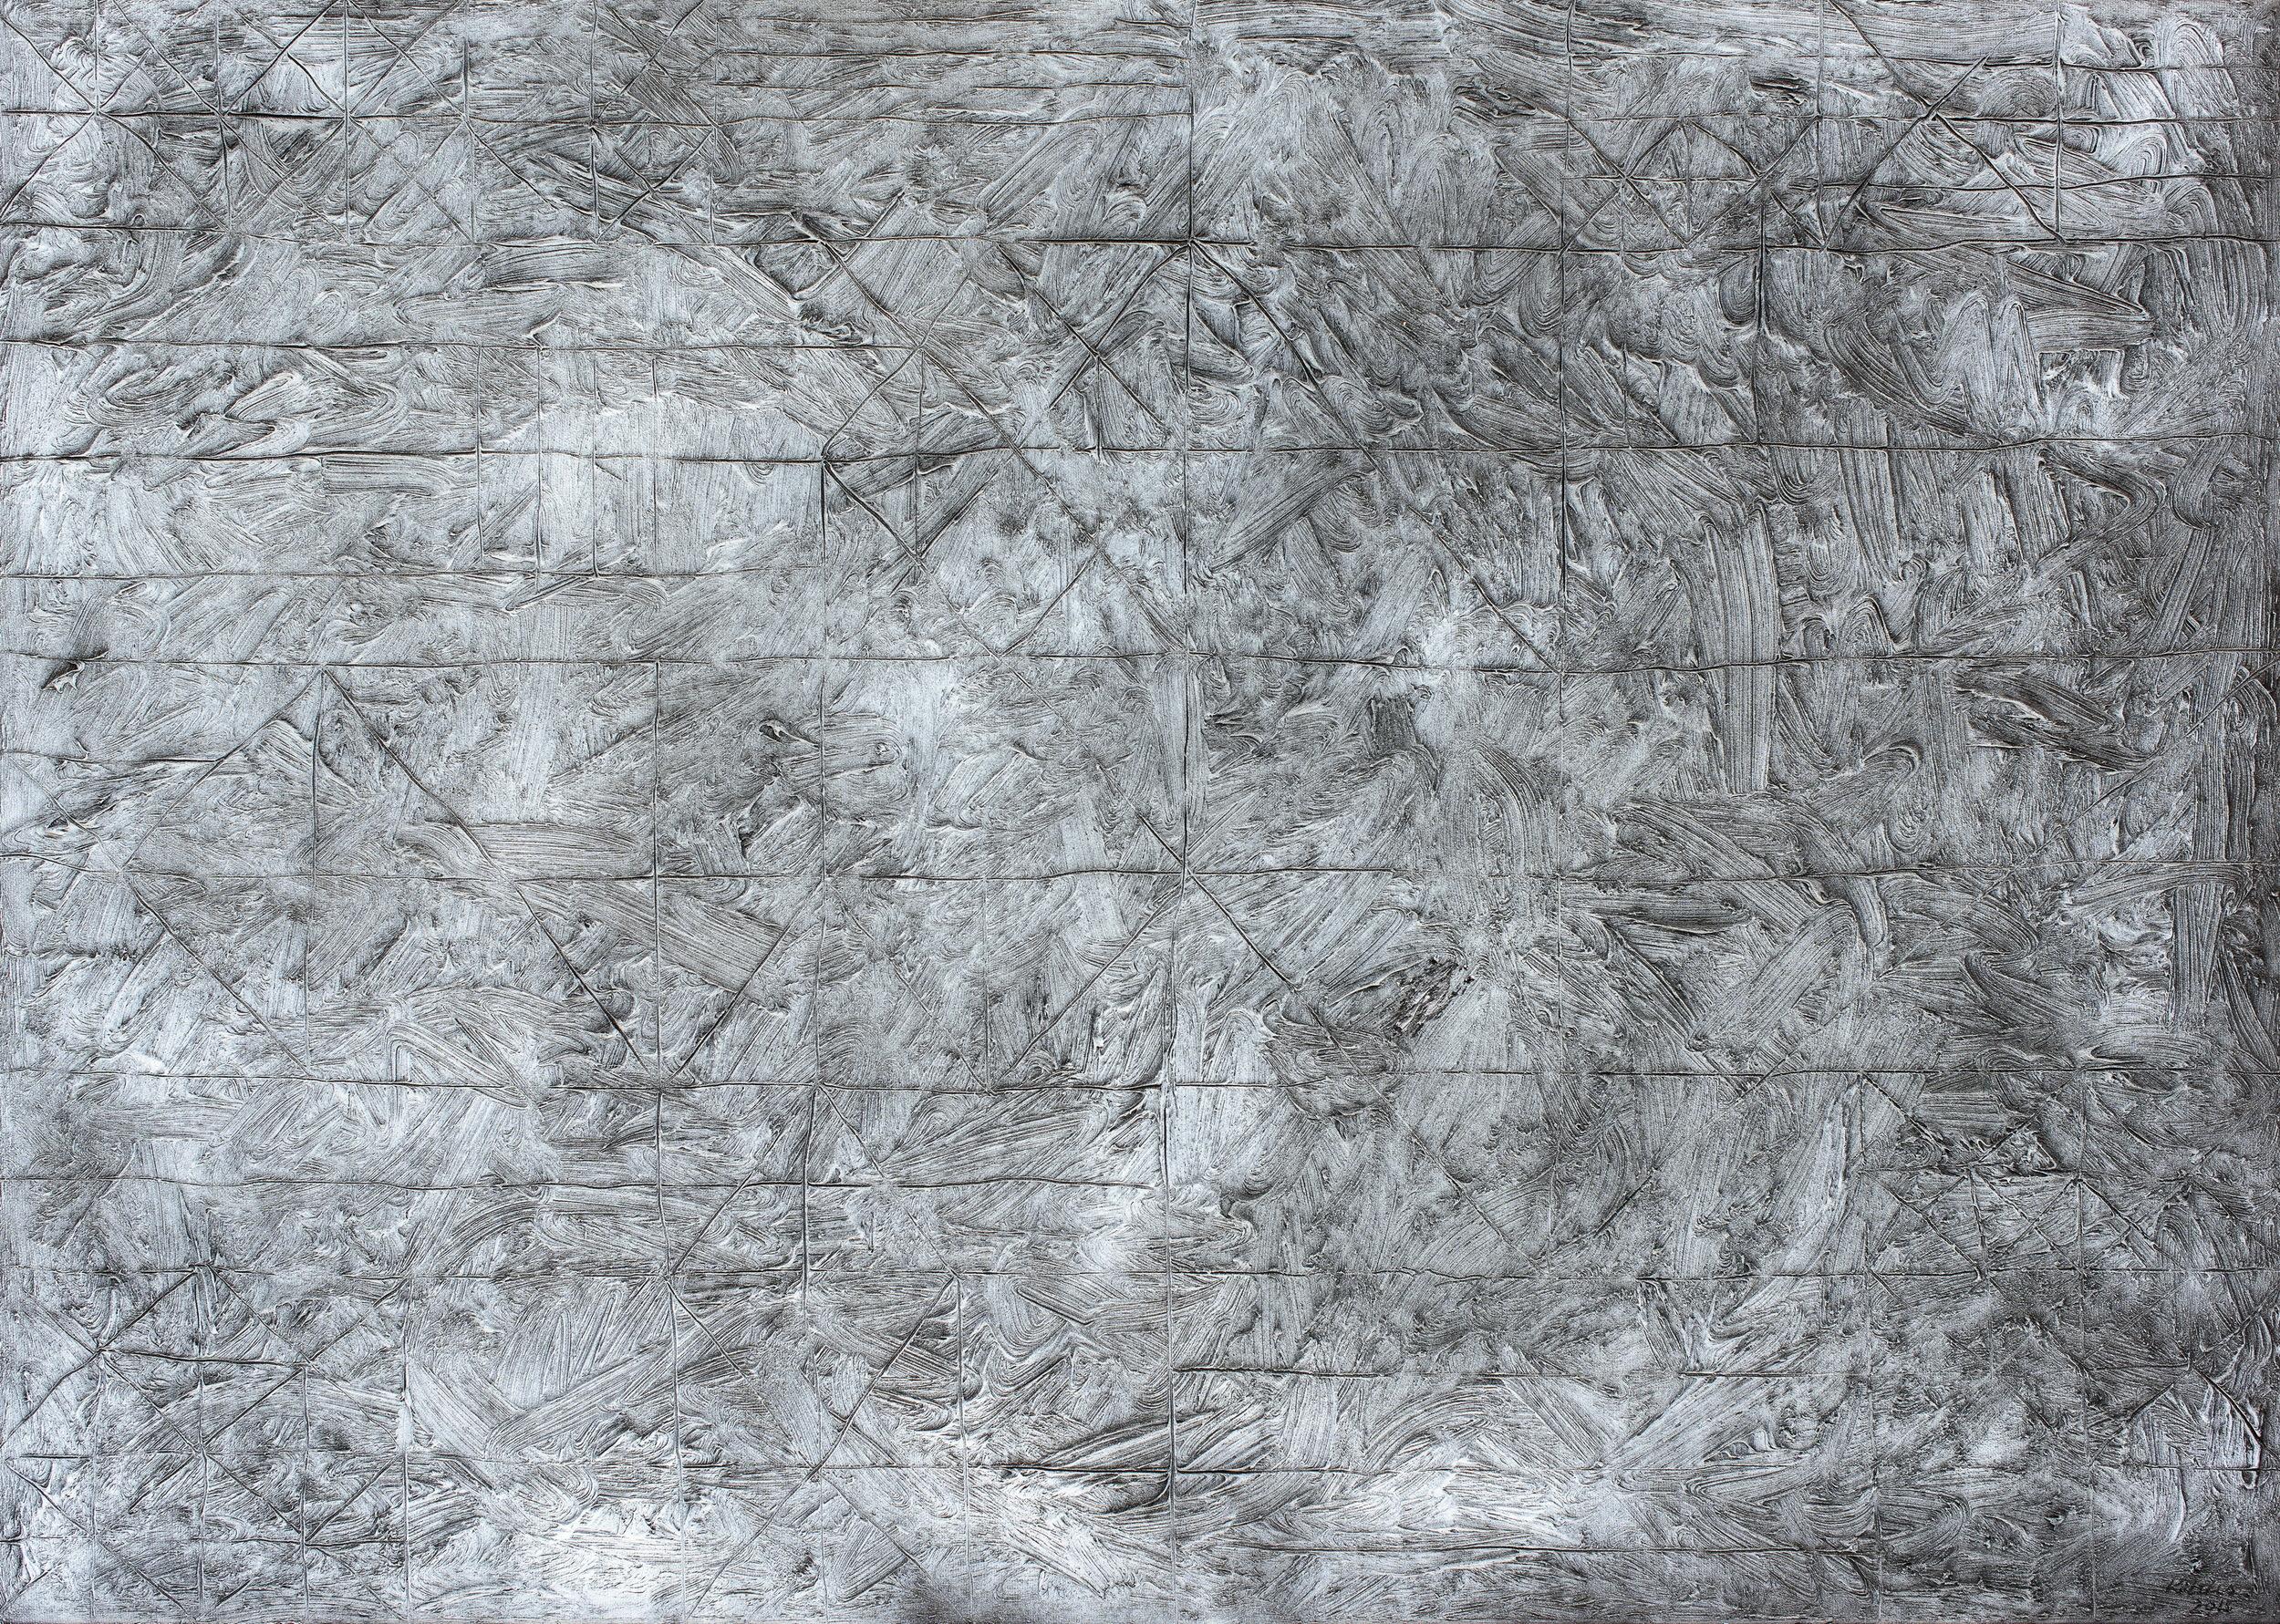 Mater nr. 7, 2015, ulei pe pânză, 100 x 70 cm